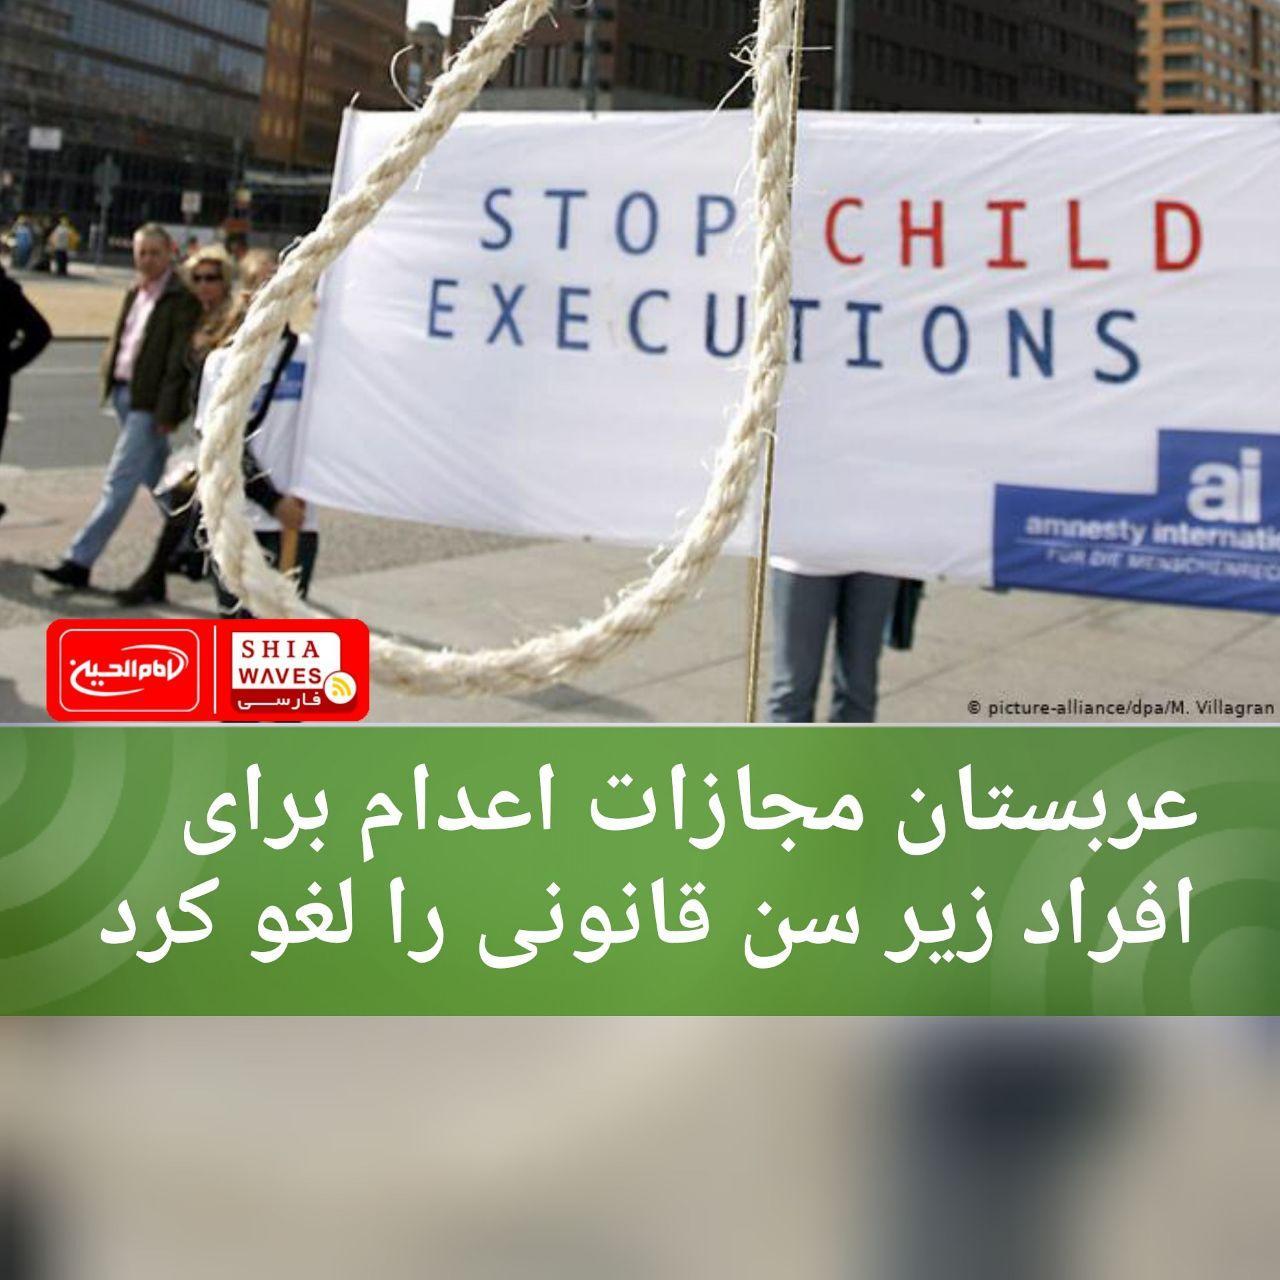 تصویر عربستان مجازات اعدام برای افراد زیر سن قانونی را لغو کرد